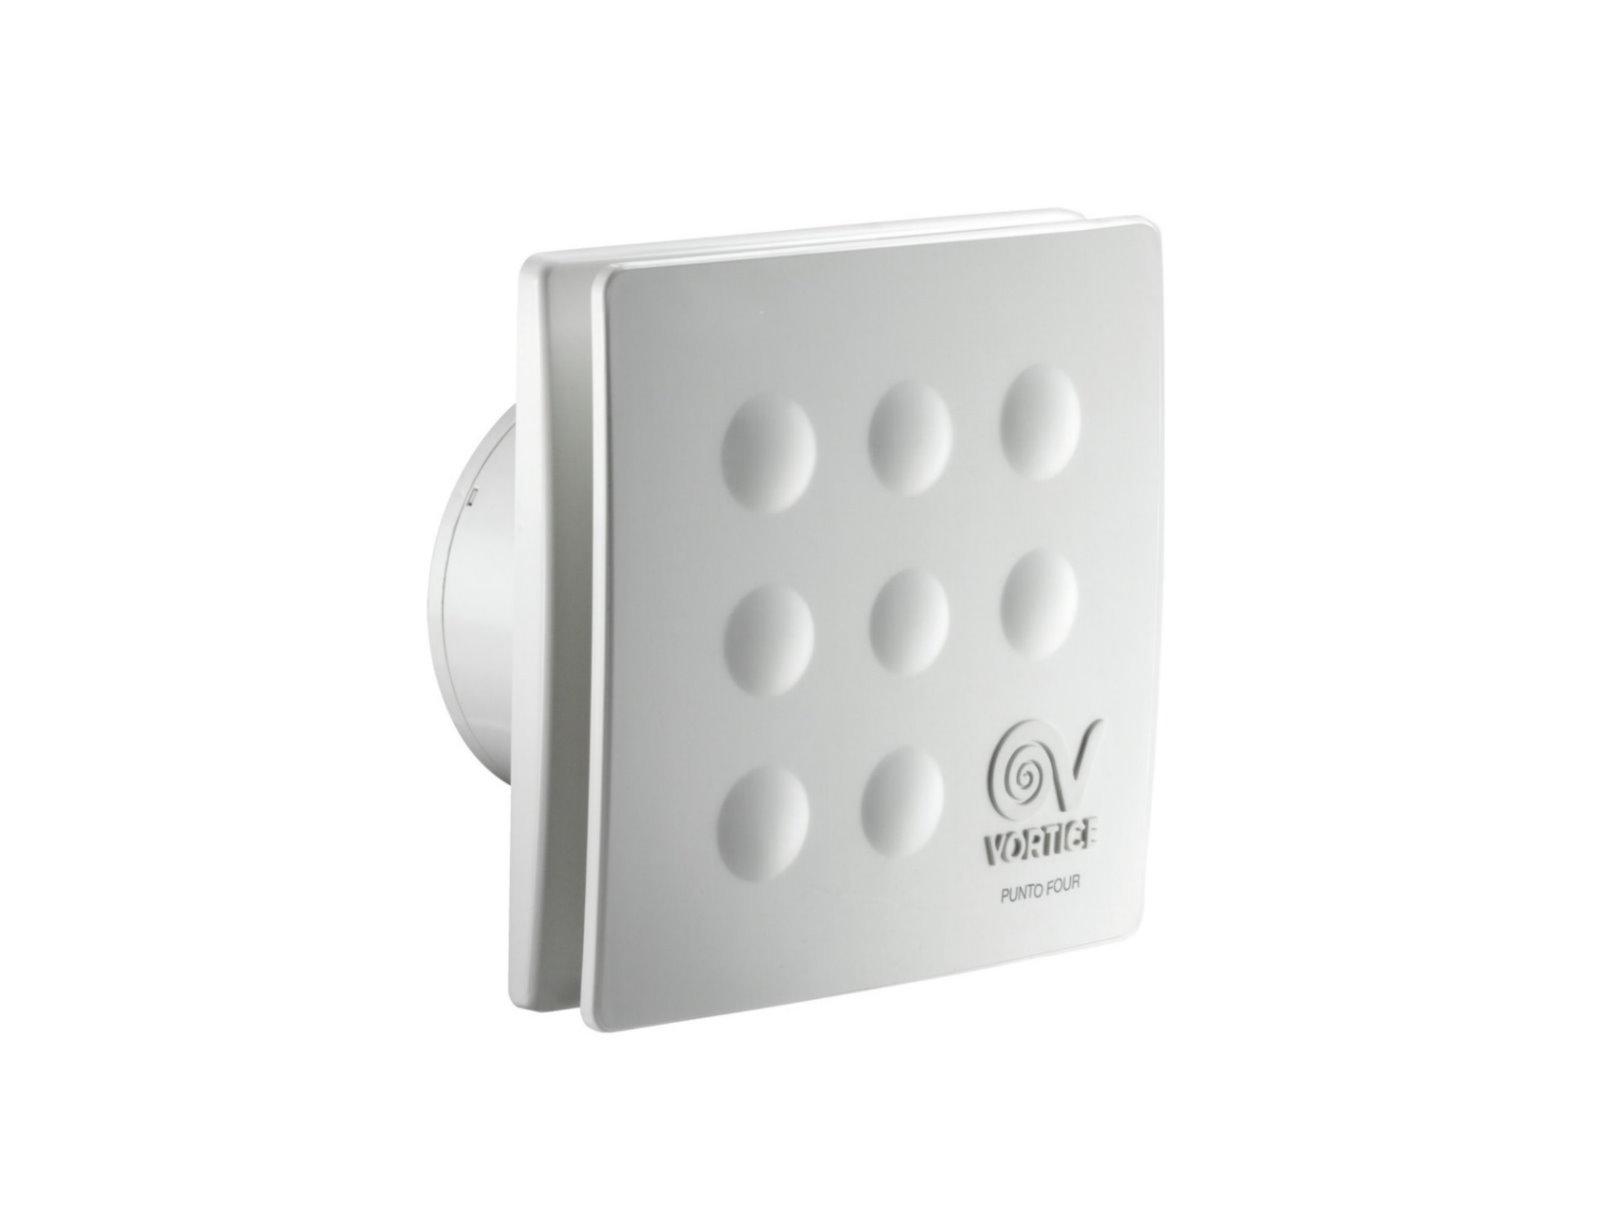 Vortice piccolo ventilatore stanza piccola stanza bagno ventilatore ventola badl fter battuta d - Ventola bagno vortice ...